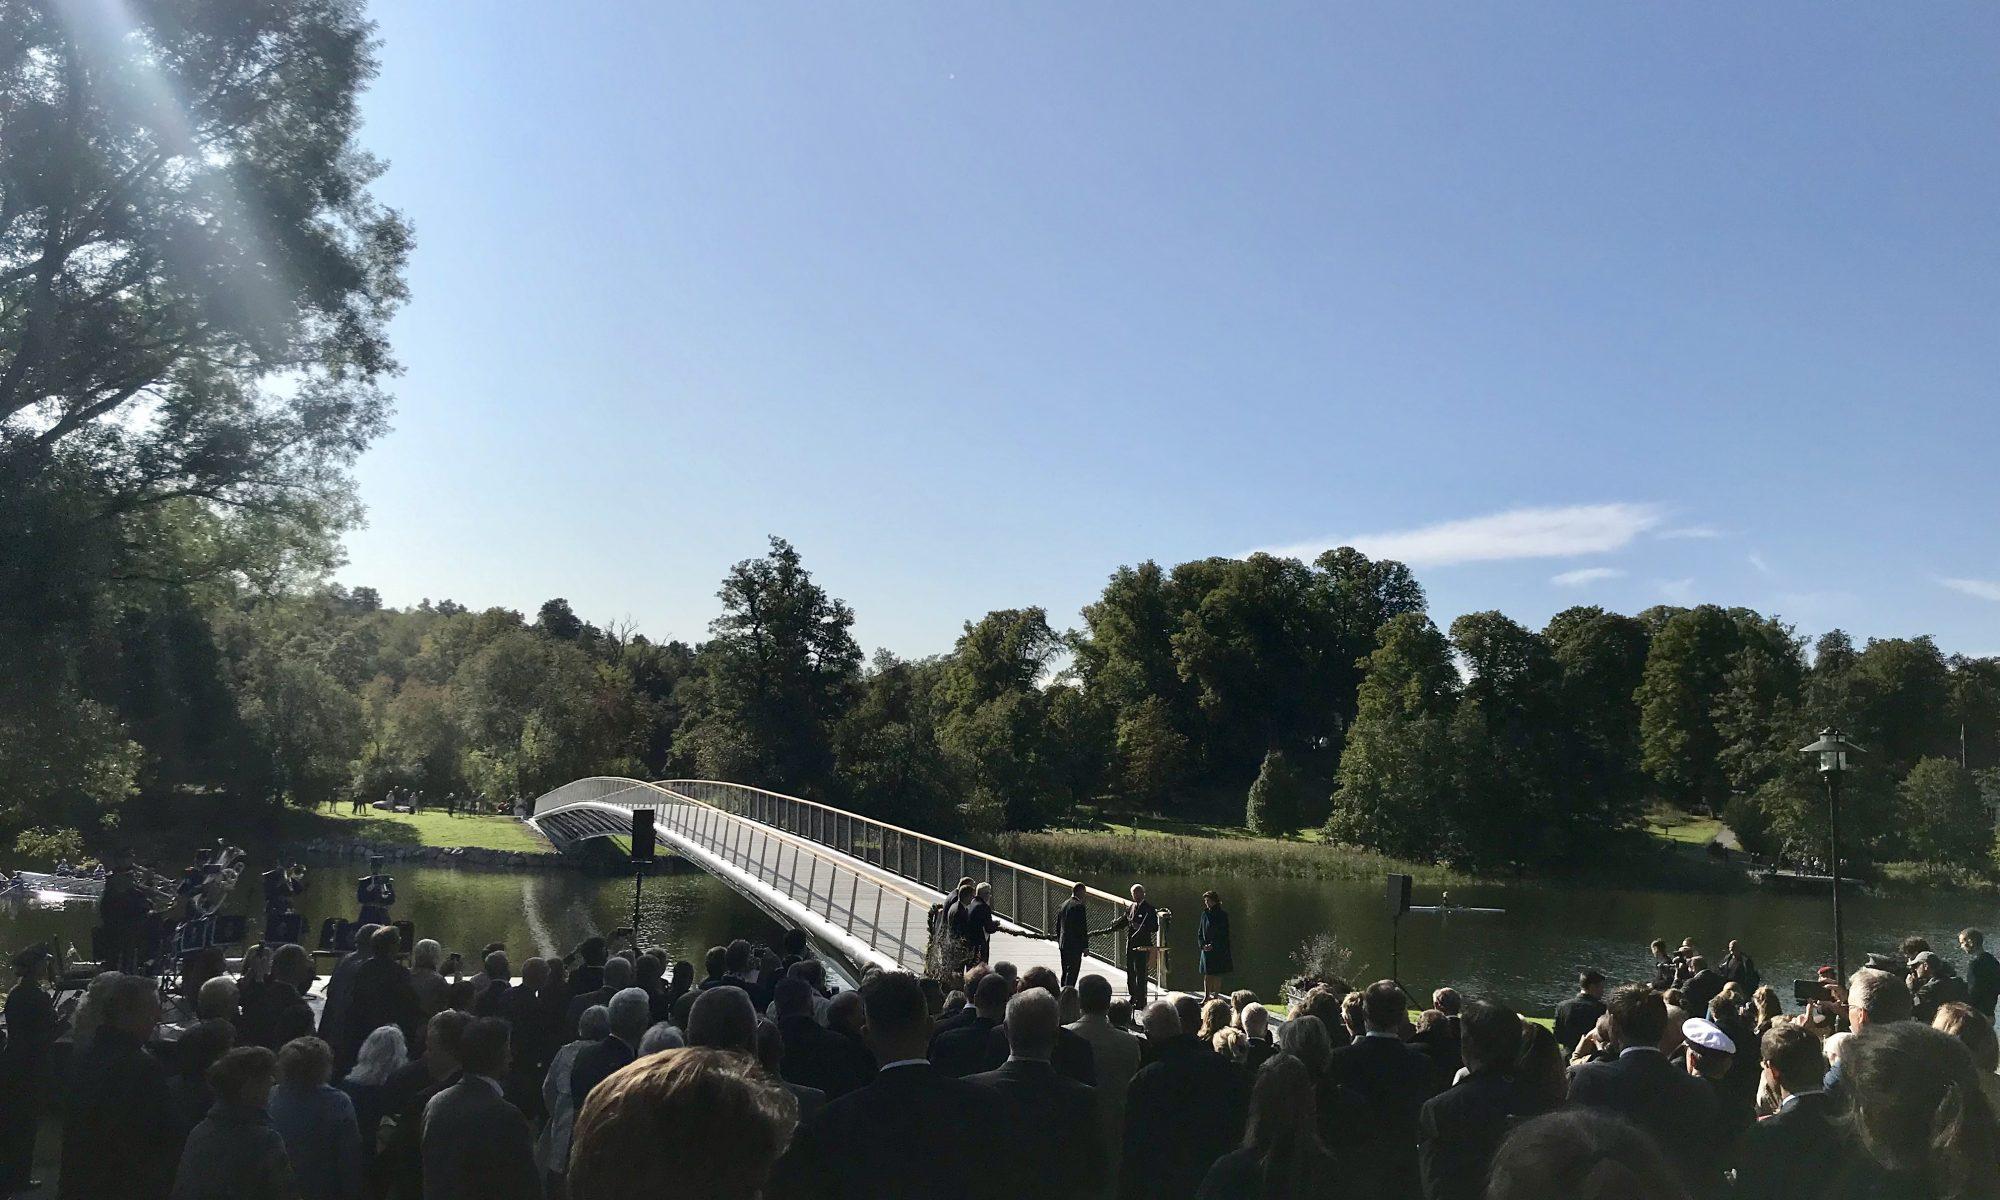 Invigning av Folke Bernadottes bro på Djurgården